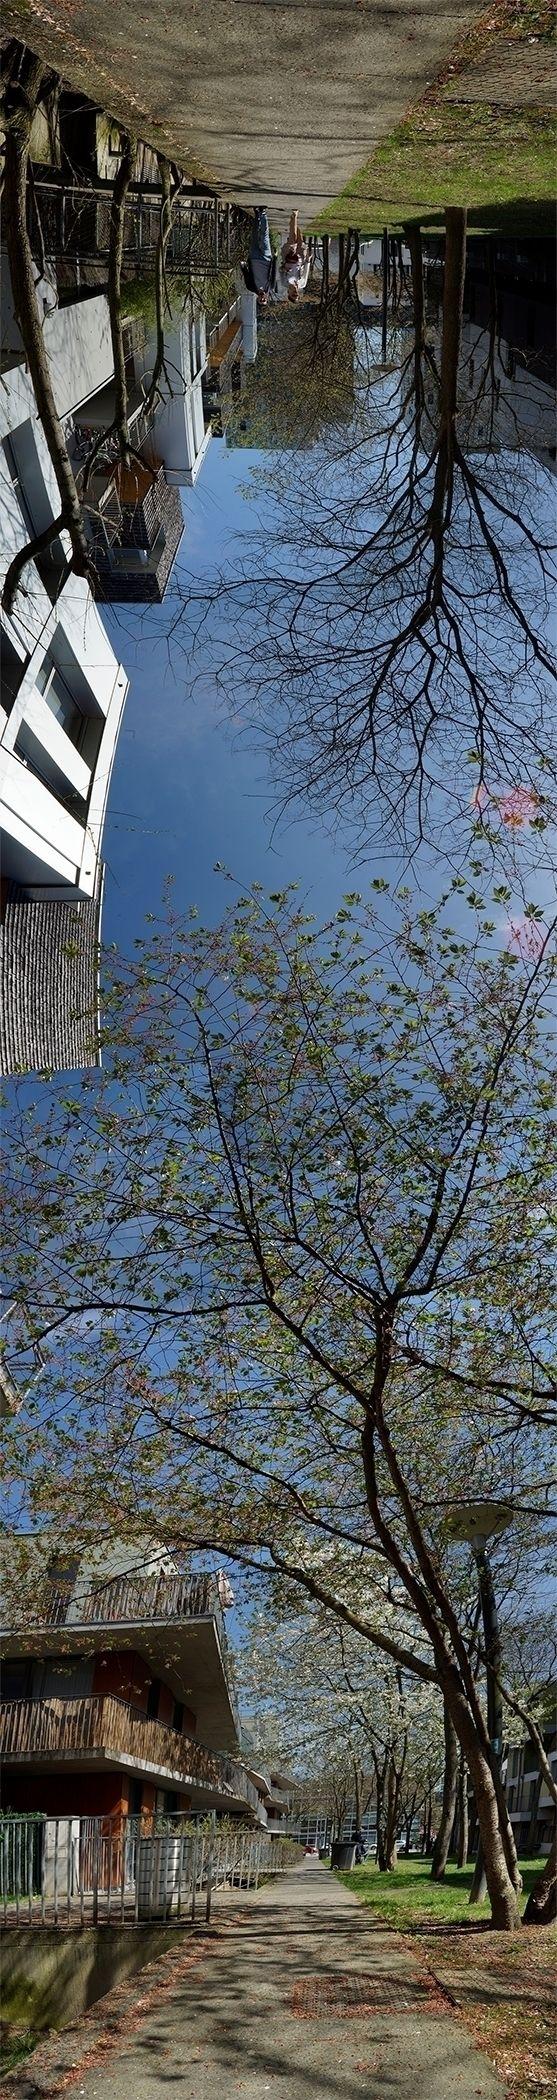 Ce jour les fleurs du cerisier  - gclavet | ello